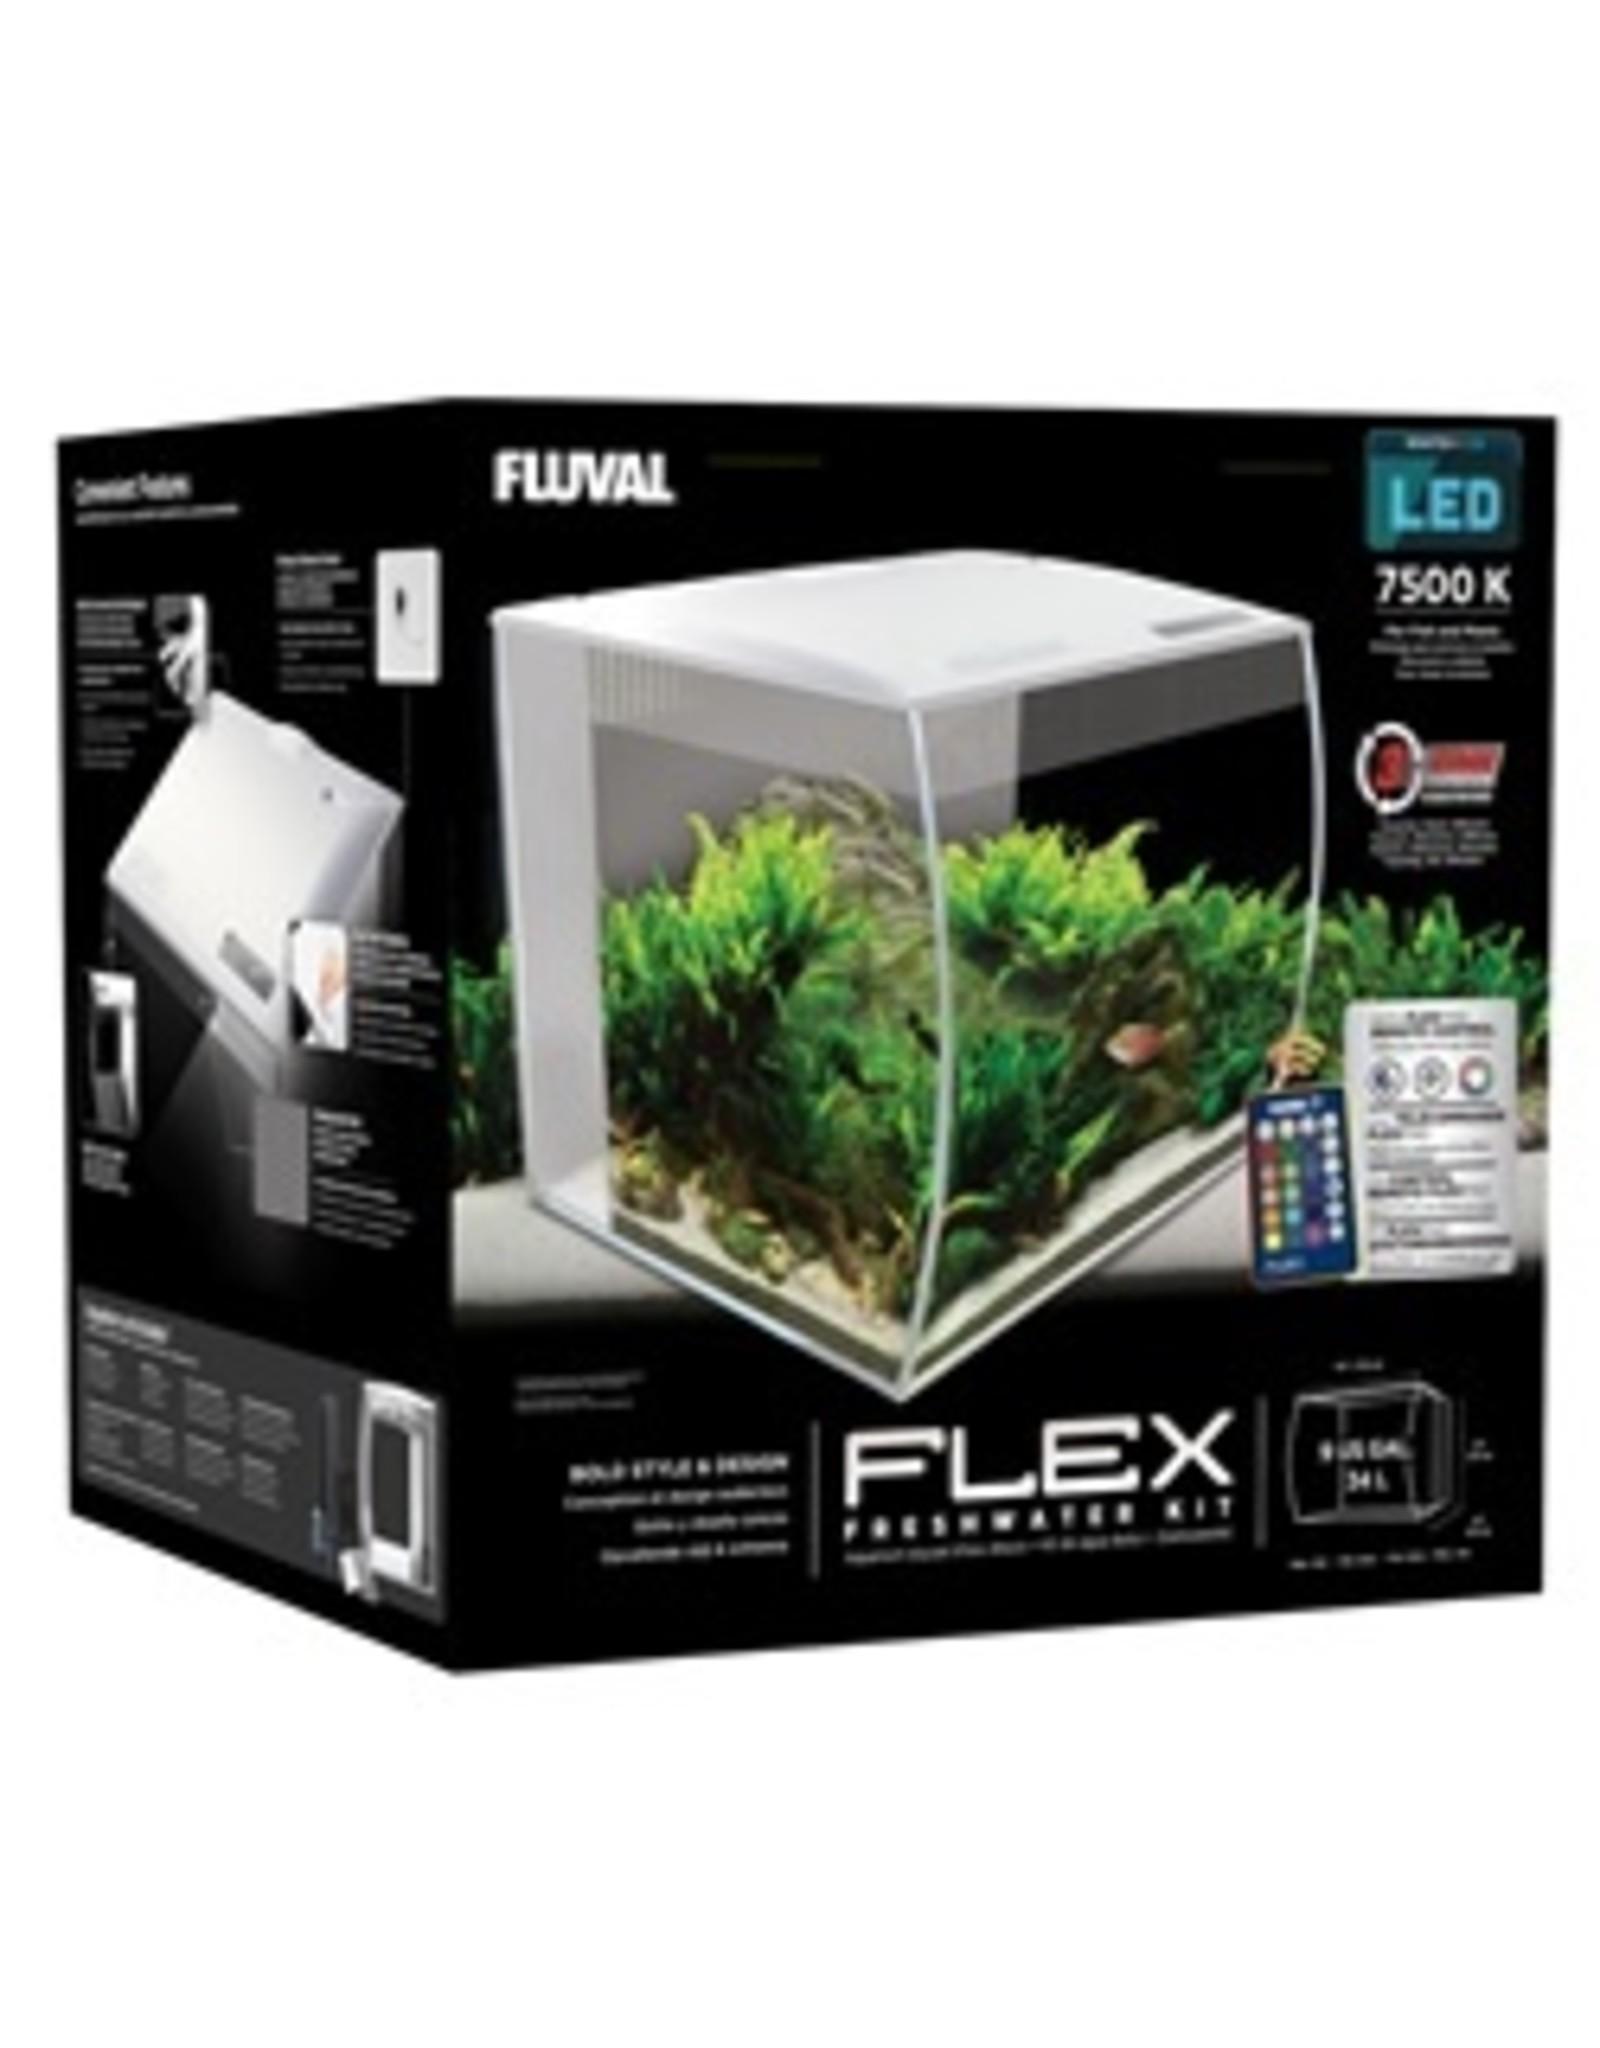 FL - Fluval Fluval Flex Aquarium, White, 34L (9gal)